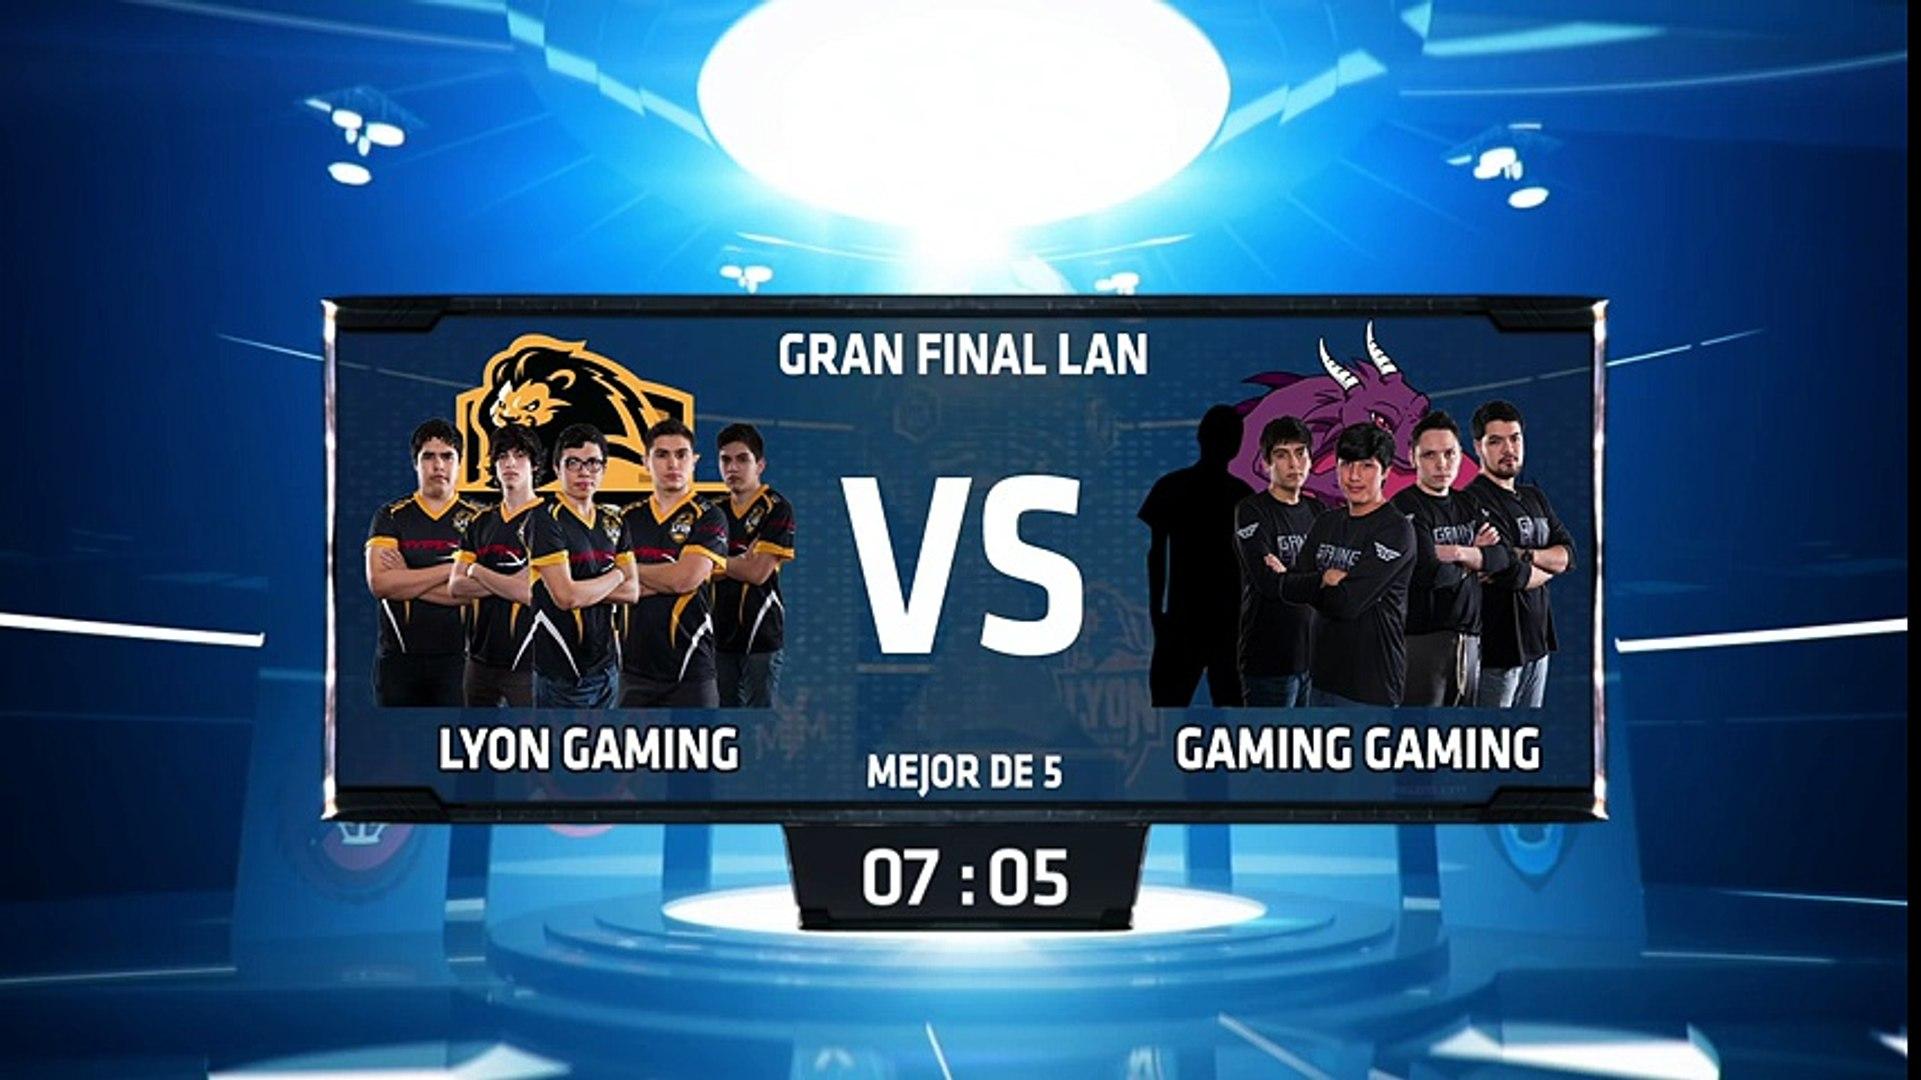 Lyon Gaming vs Gaming Gaming - La Final 190